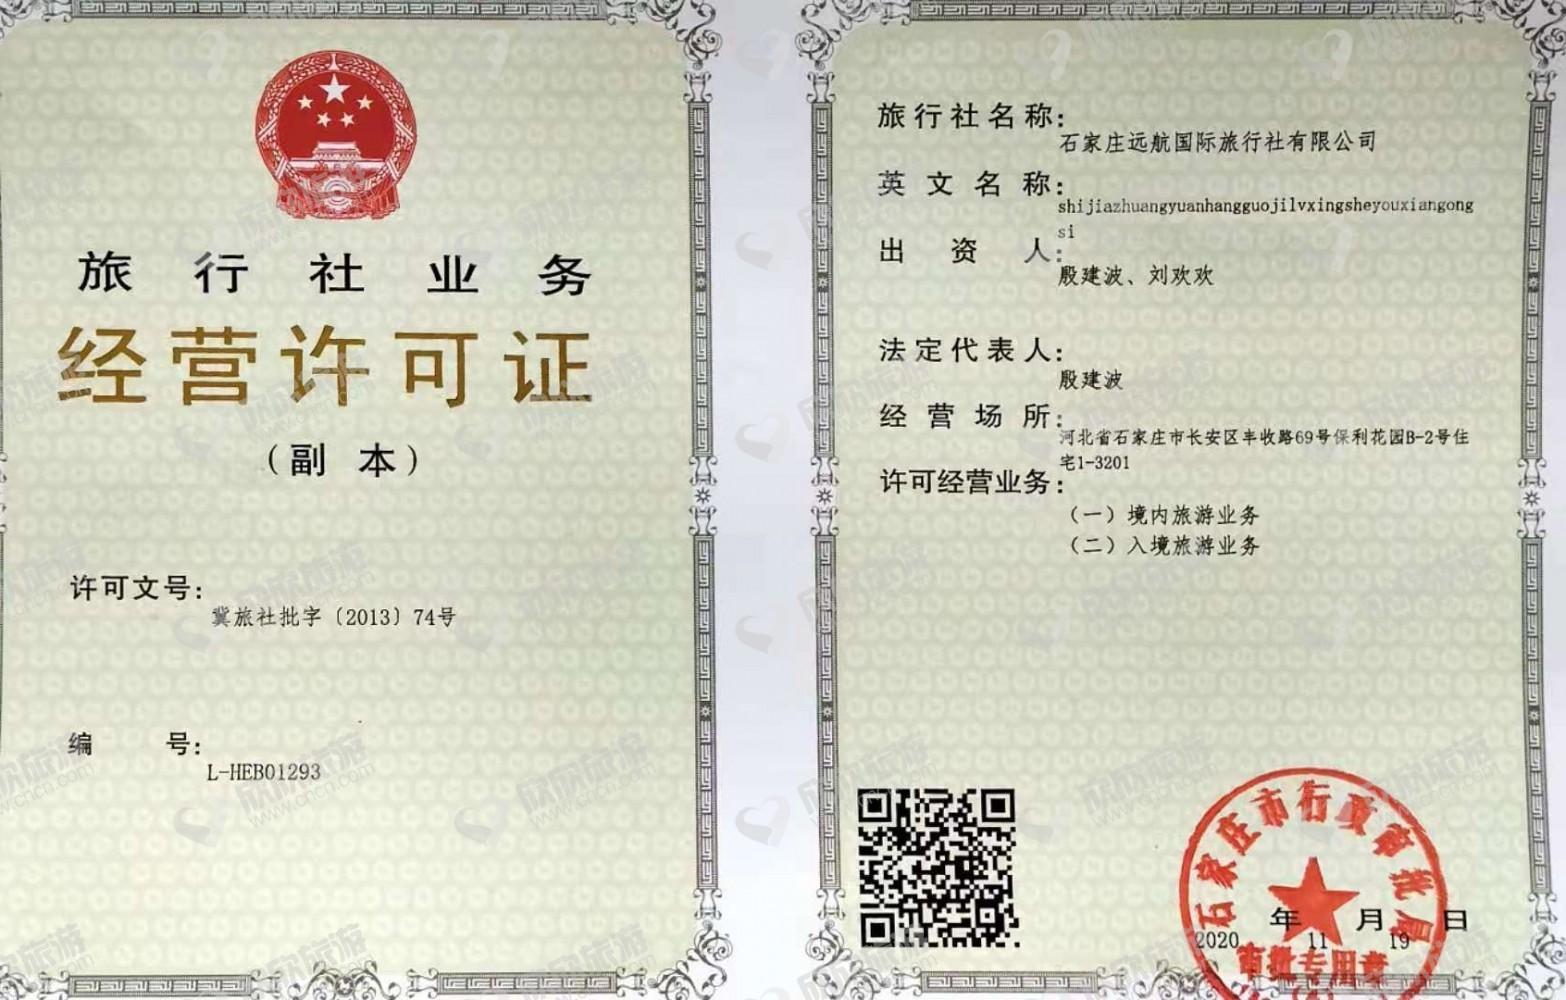 石家庄远航国际旅行社有限公司经营许可证